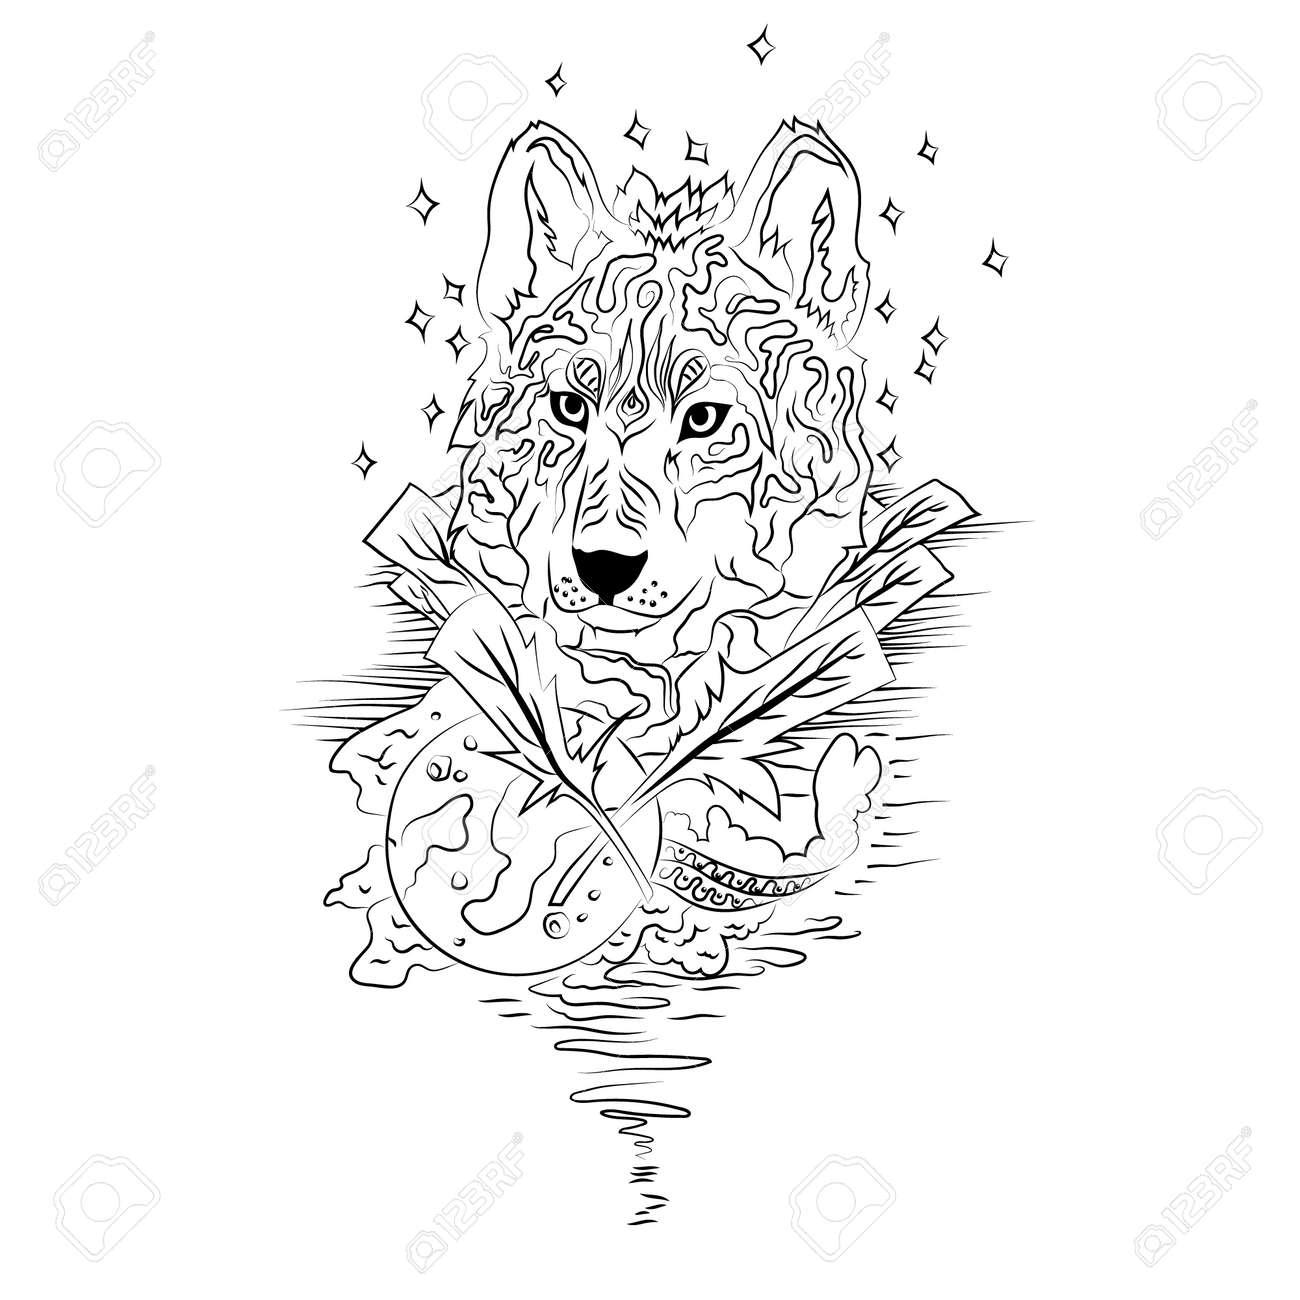 Loup Noir Et Blanc Isole Esquisse Gravure Resume Loup Vecteur Avec La Lune Imprimer Pour T Shirt Les Choses Sauvages Clip Art Libres De Droits Vecteurs Et Illustration Image 43730561